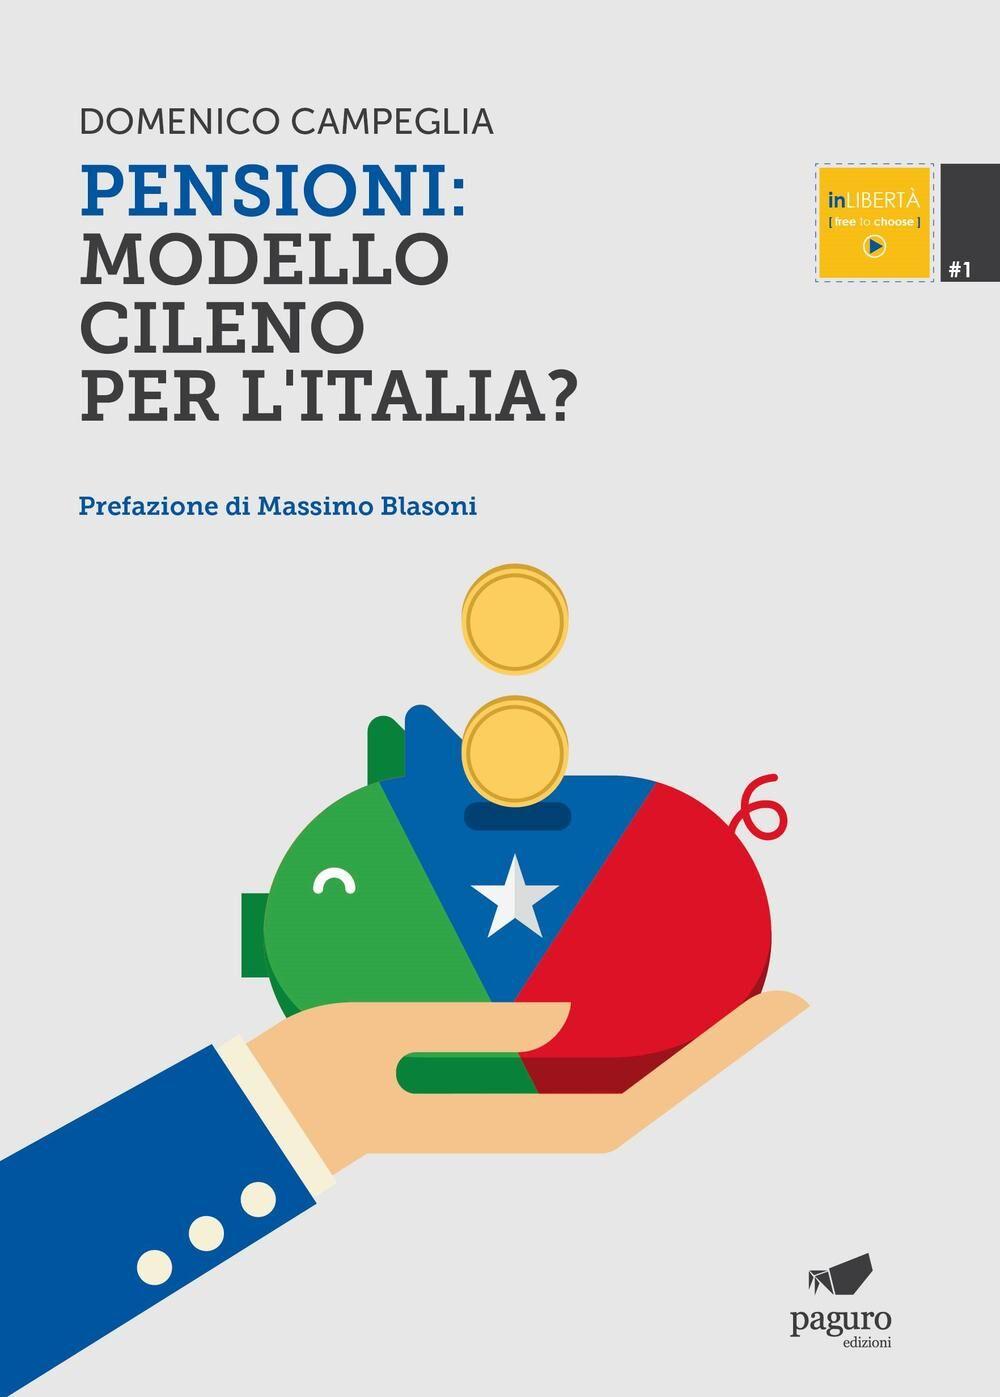 Pensioni. Modello cileno per l'Italia?